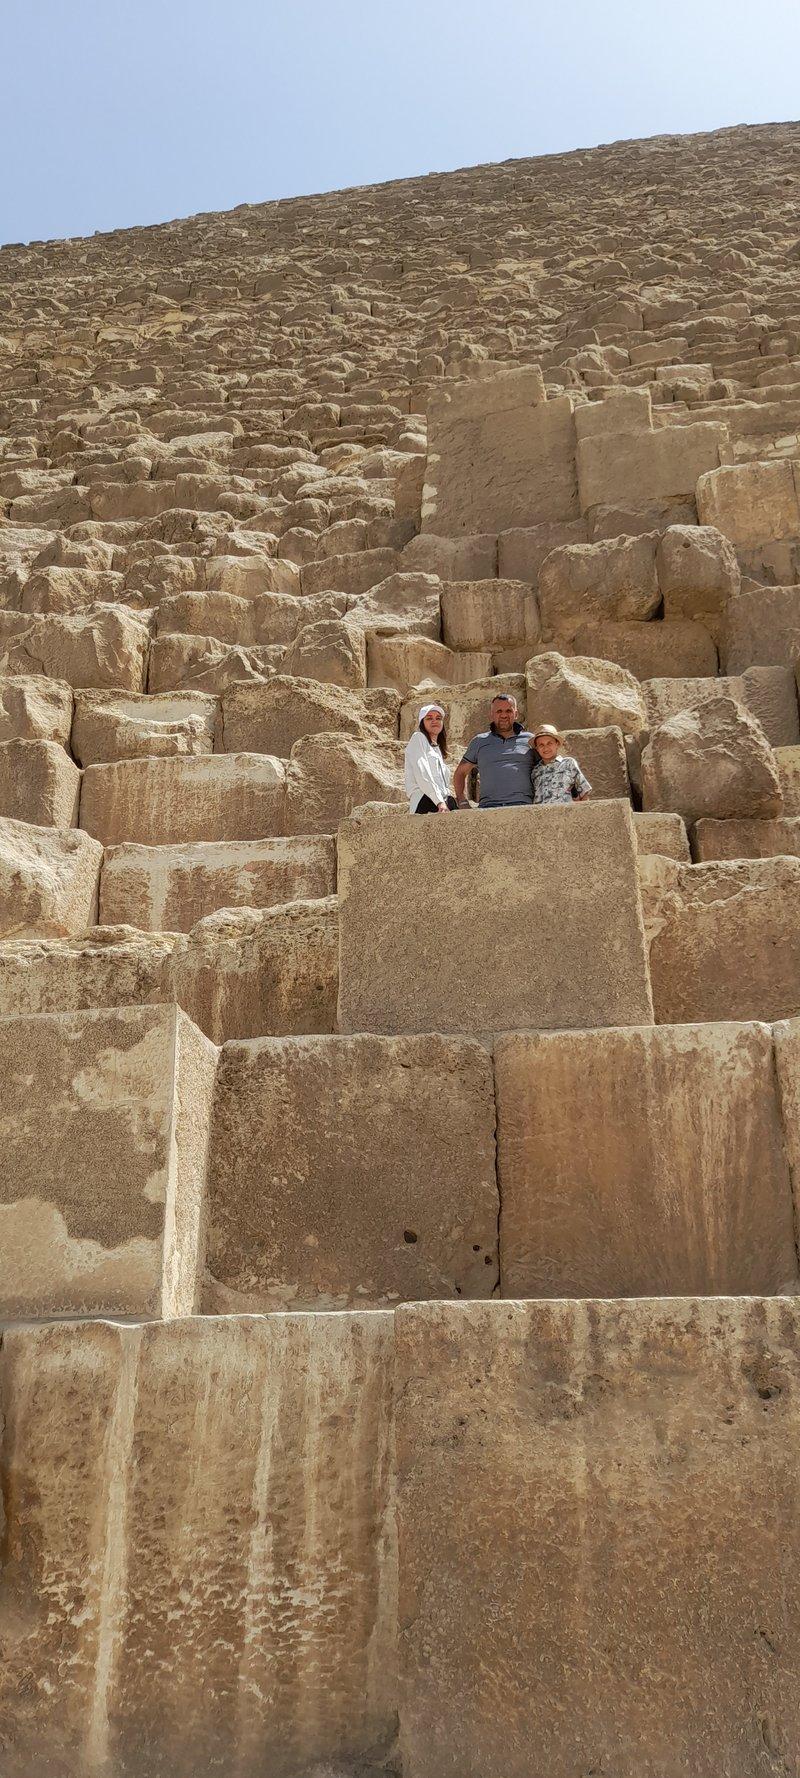 Пирамида Хеопса которая является одним из семи чудес света.